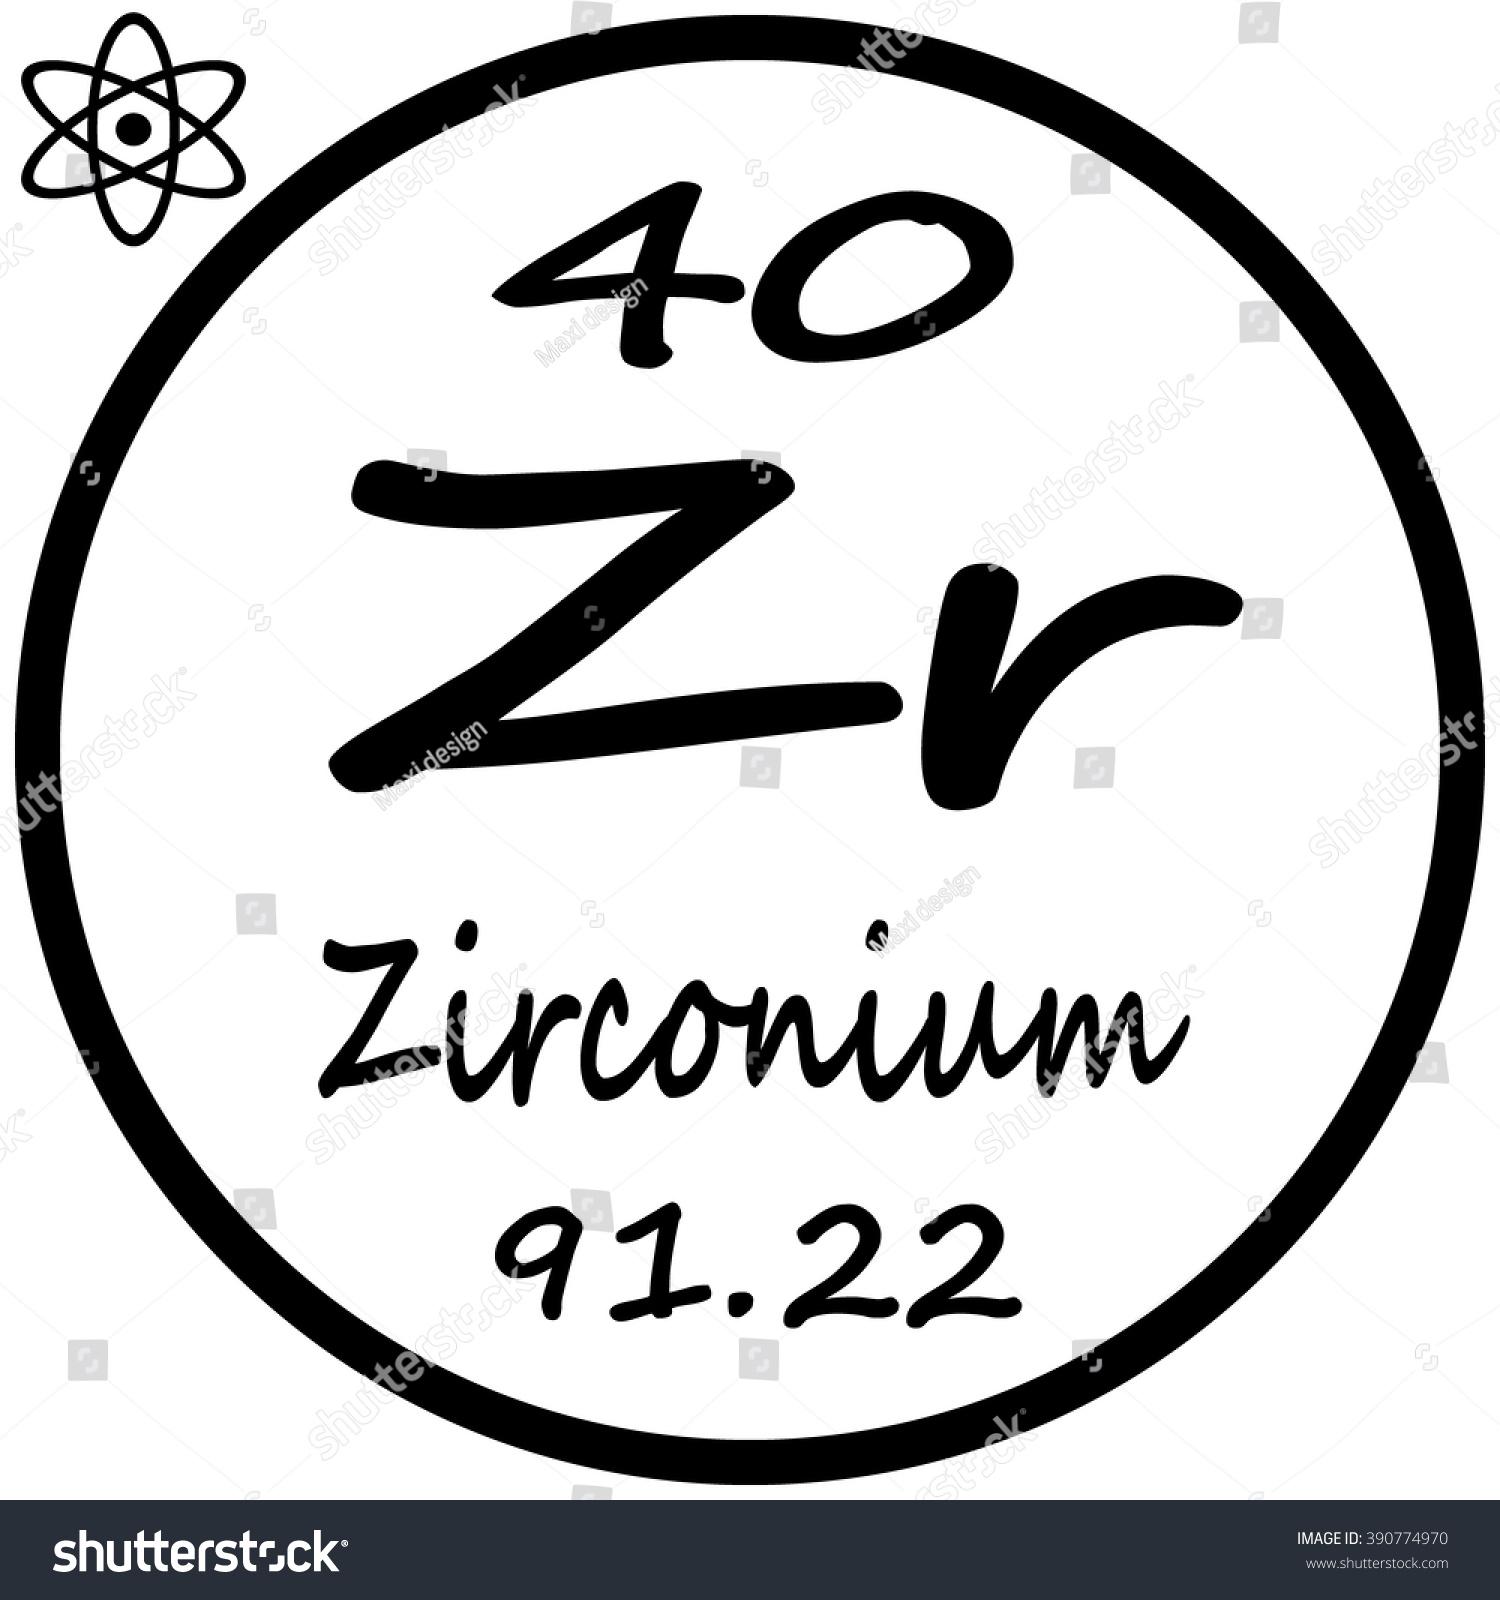 Periodic table elements zirconium stock vector 390774970 periodic table of elements zirconium urtaz Gallery